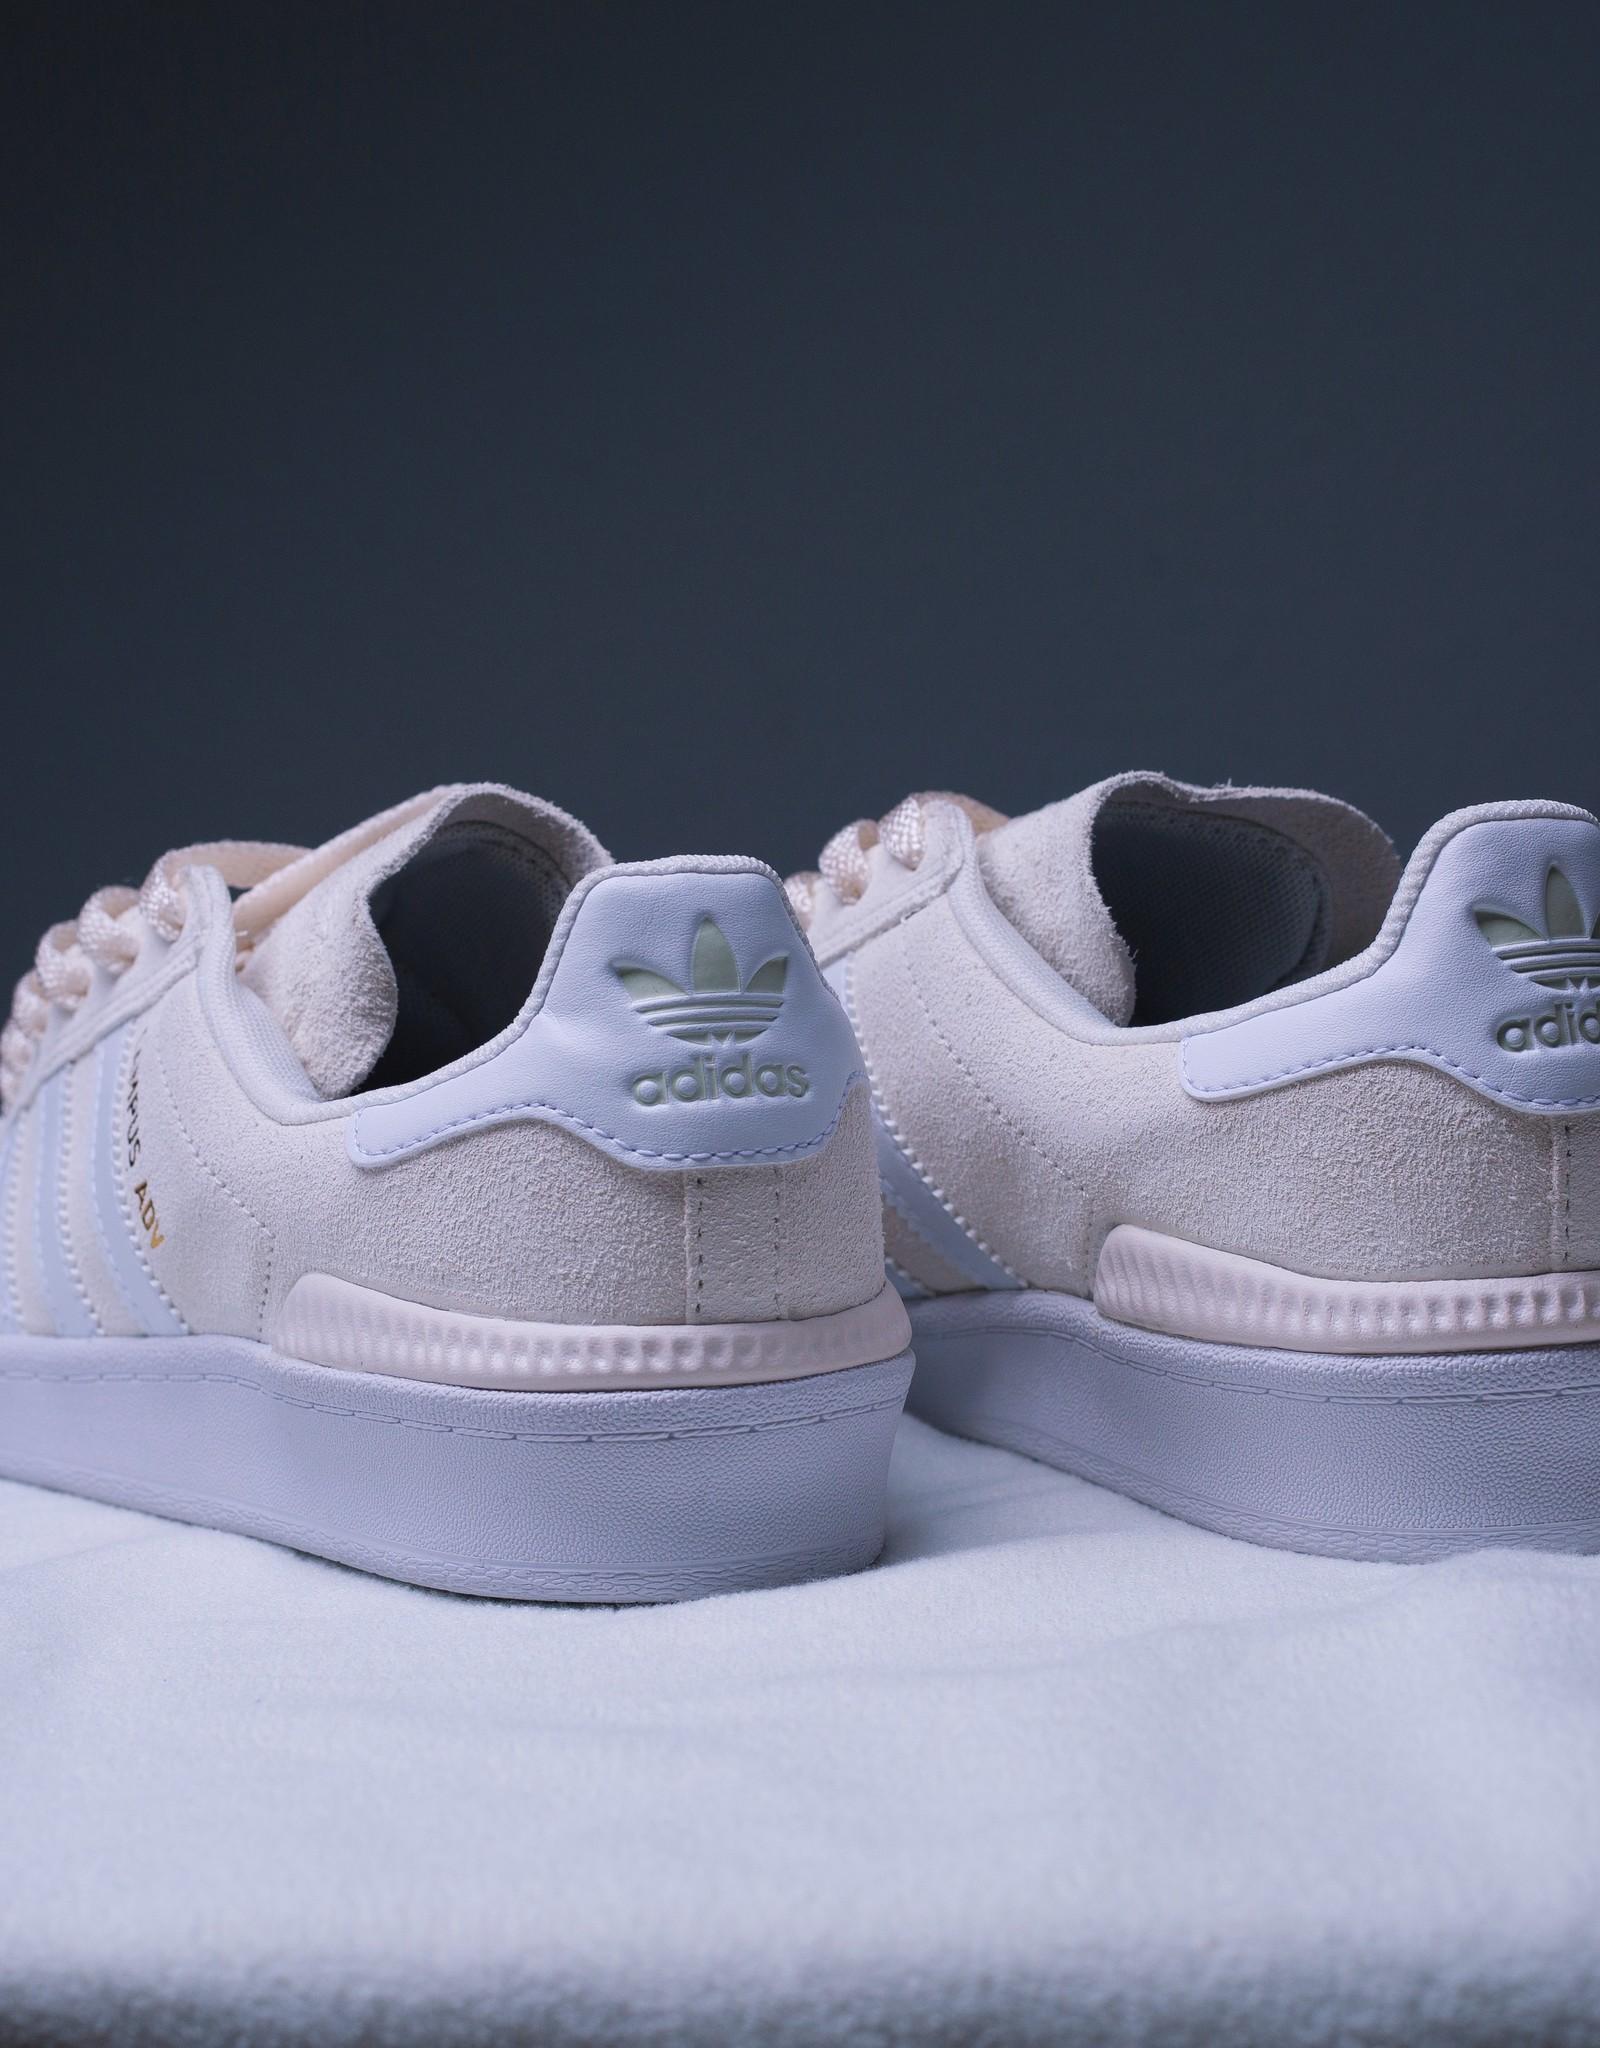 adidas Campus Pure White